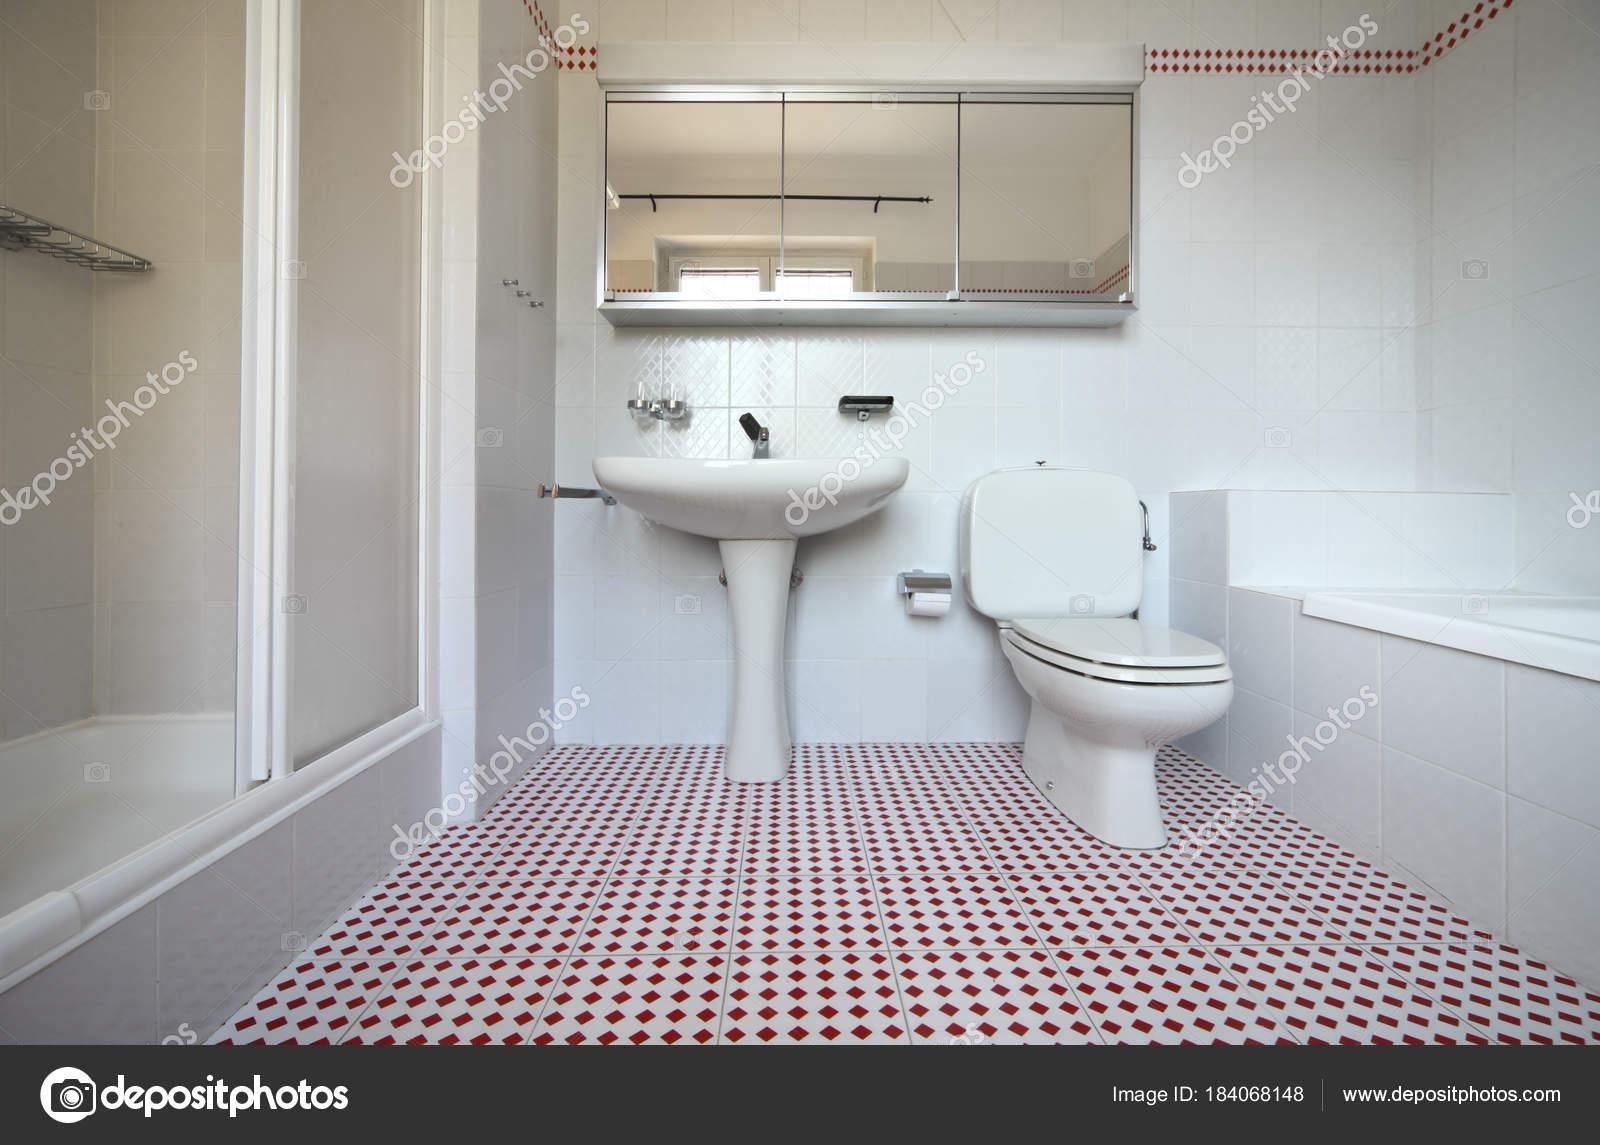 Weiss Und Rot Gefliesten Badezimmer Stockfoto C Zveiger 184068148